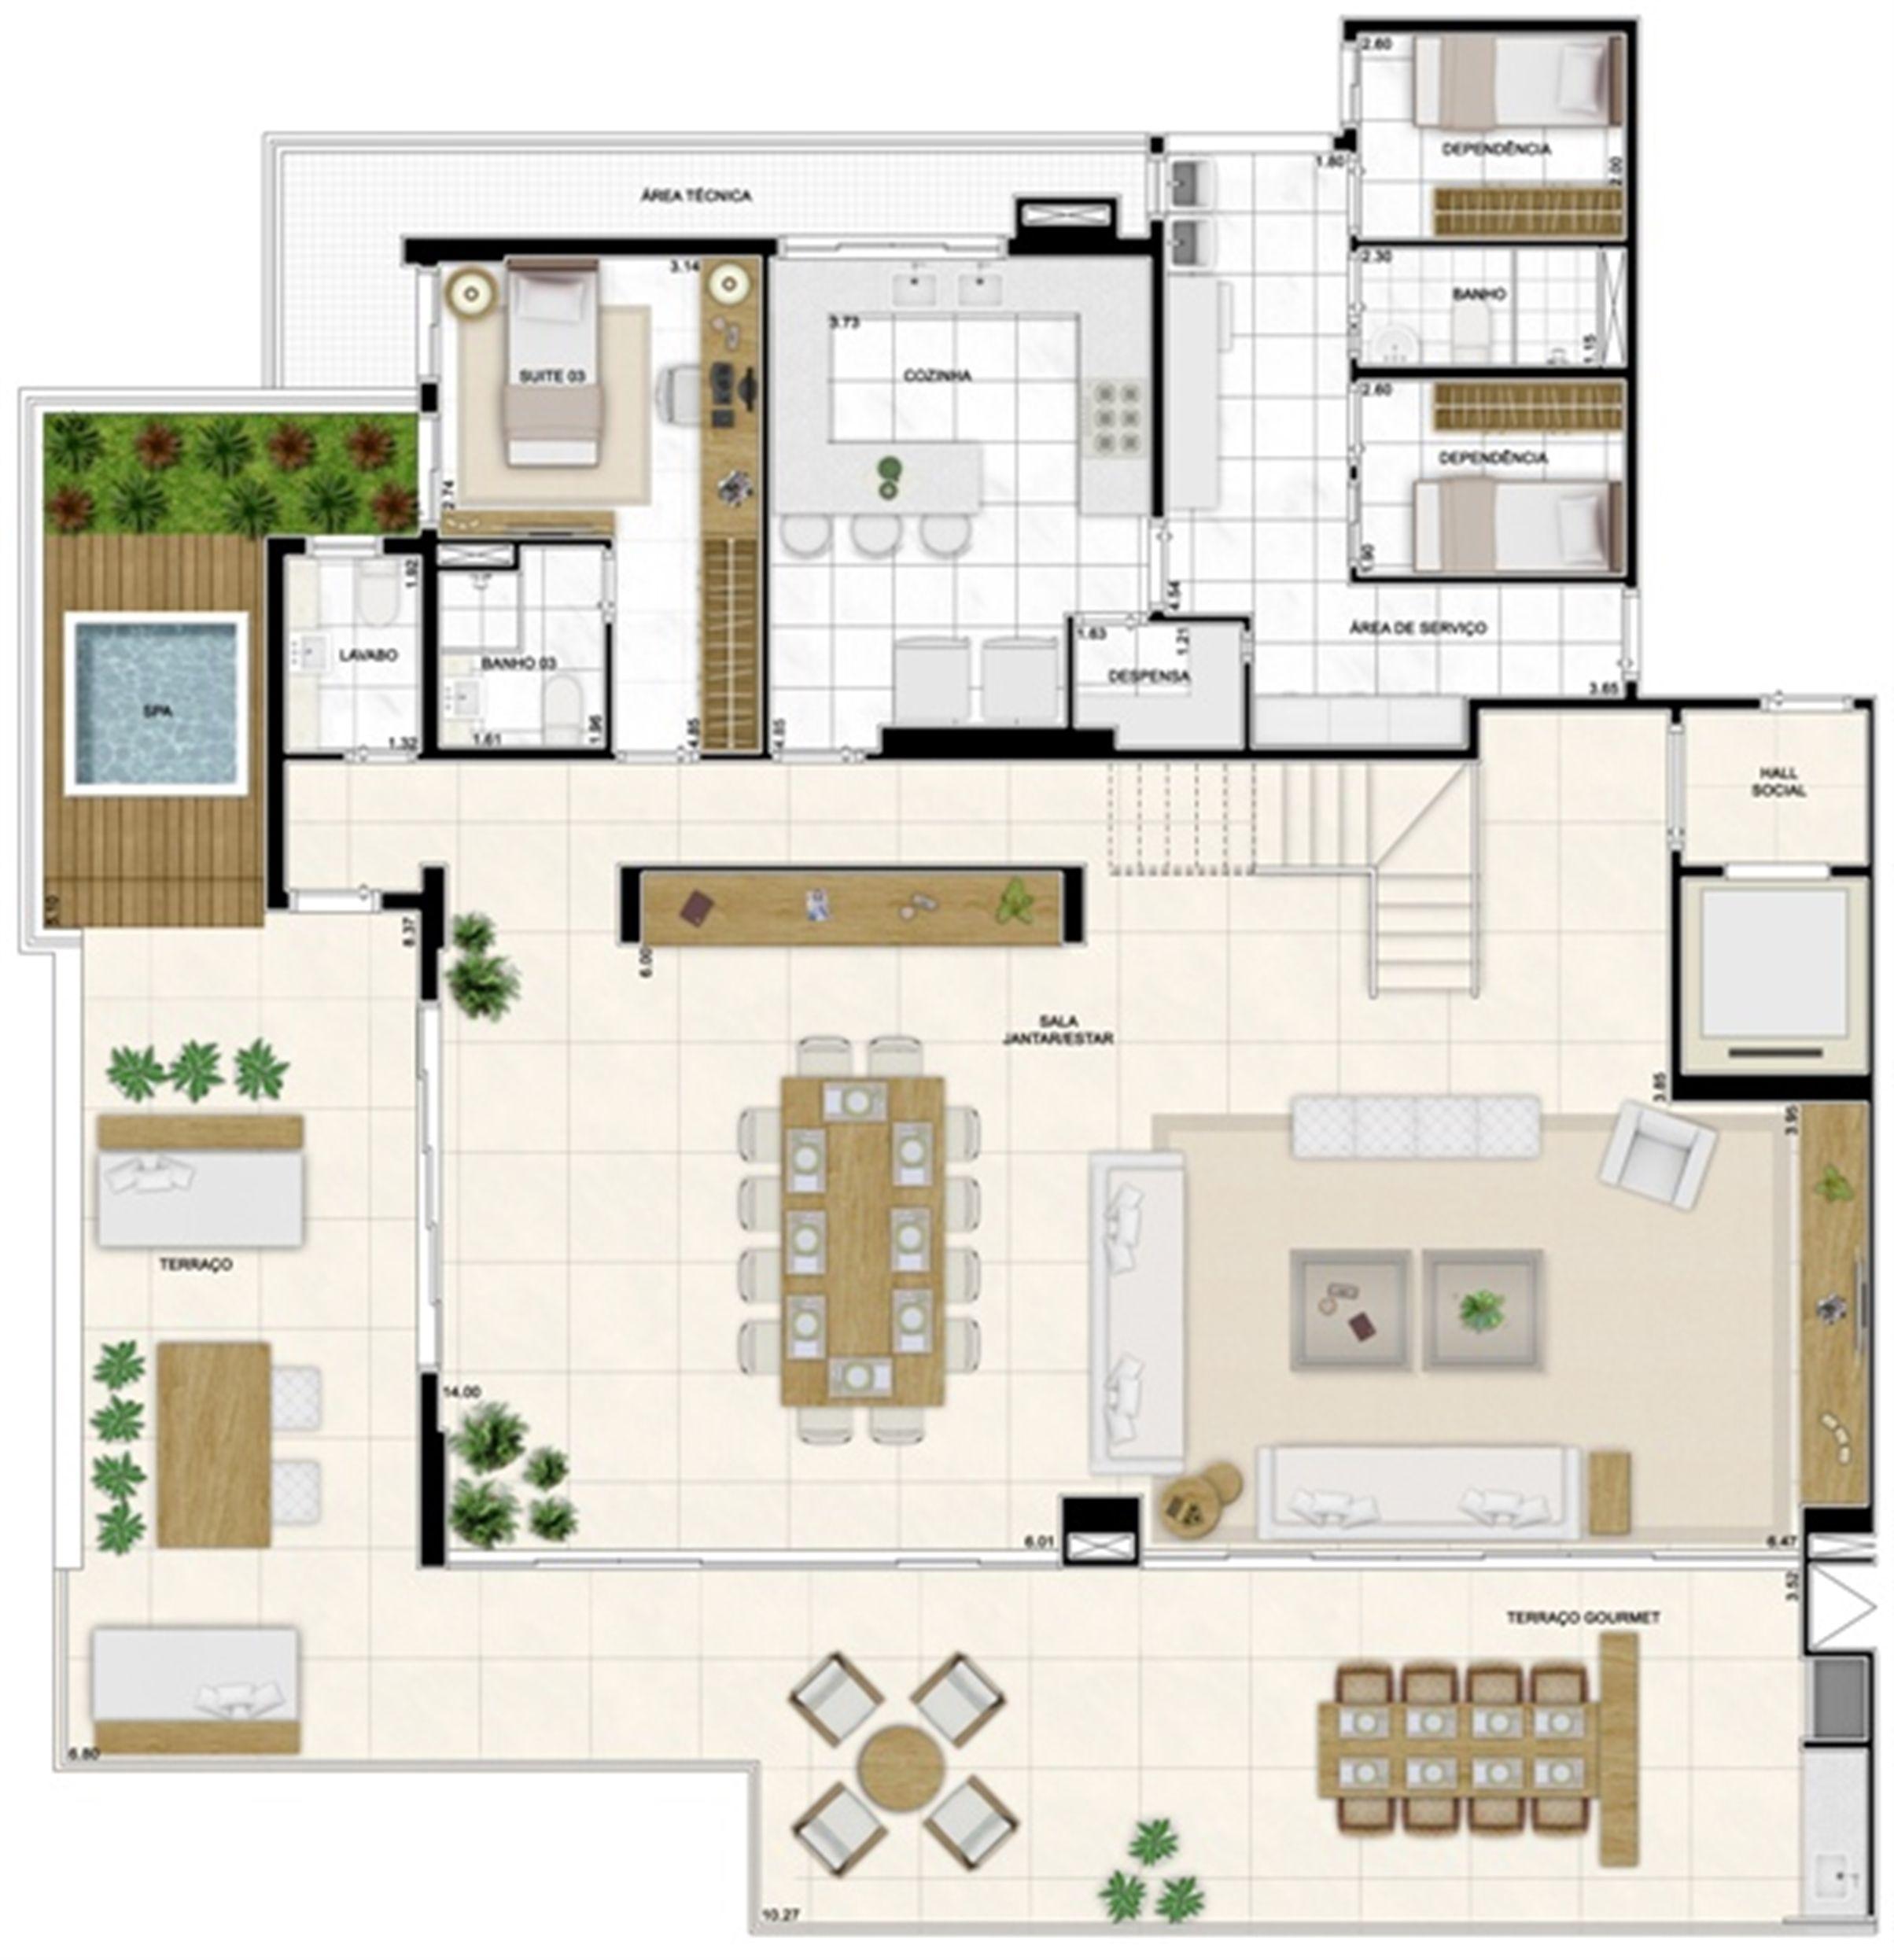 Planta Duplex Inferior 422m² | Infinity Areia Preta – Apartamento na  Areia Preta - Natal - Rio Grande do Norte